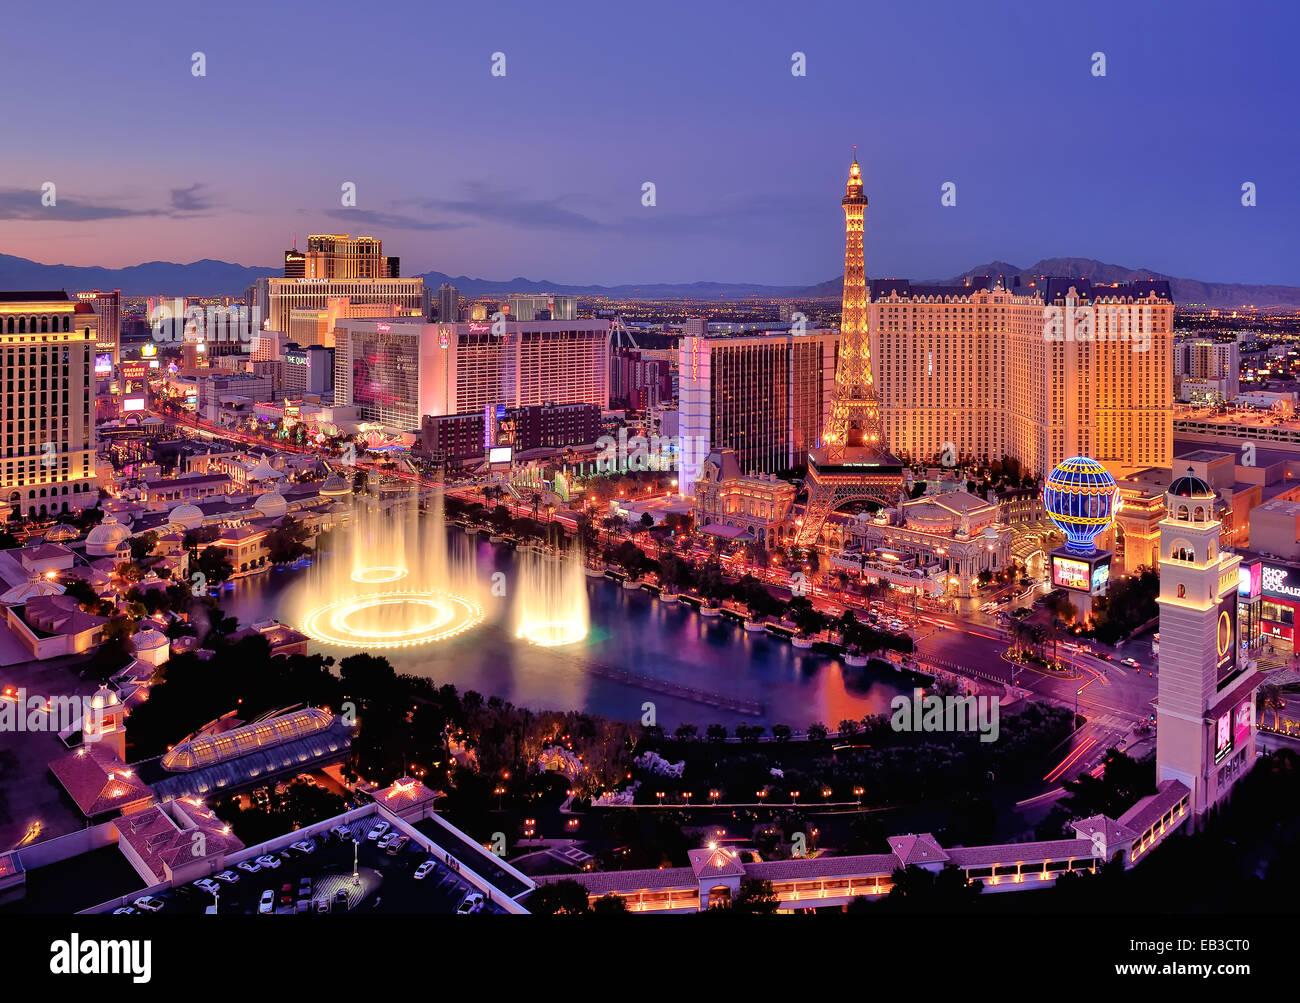 El horizonte de la ciudad en la noche con fuentes de agua Hotel Bellagio, Las Vegas, Nevada, Estados Unidos, EE.UU. Foto de stock